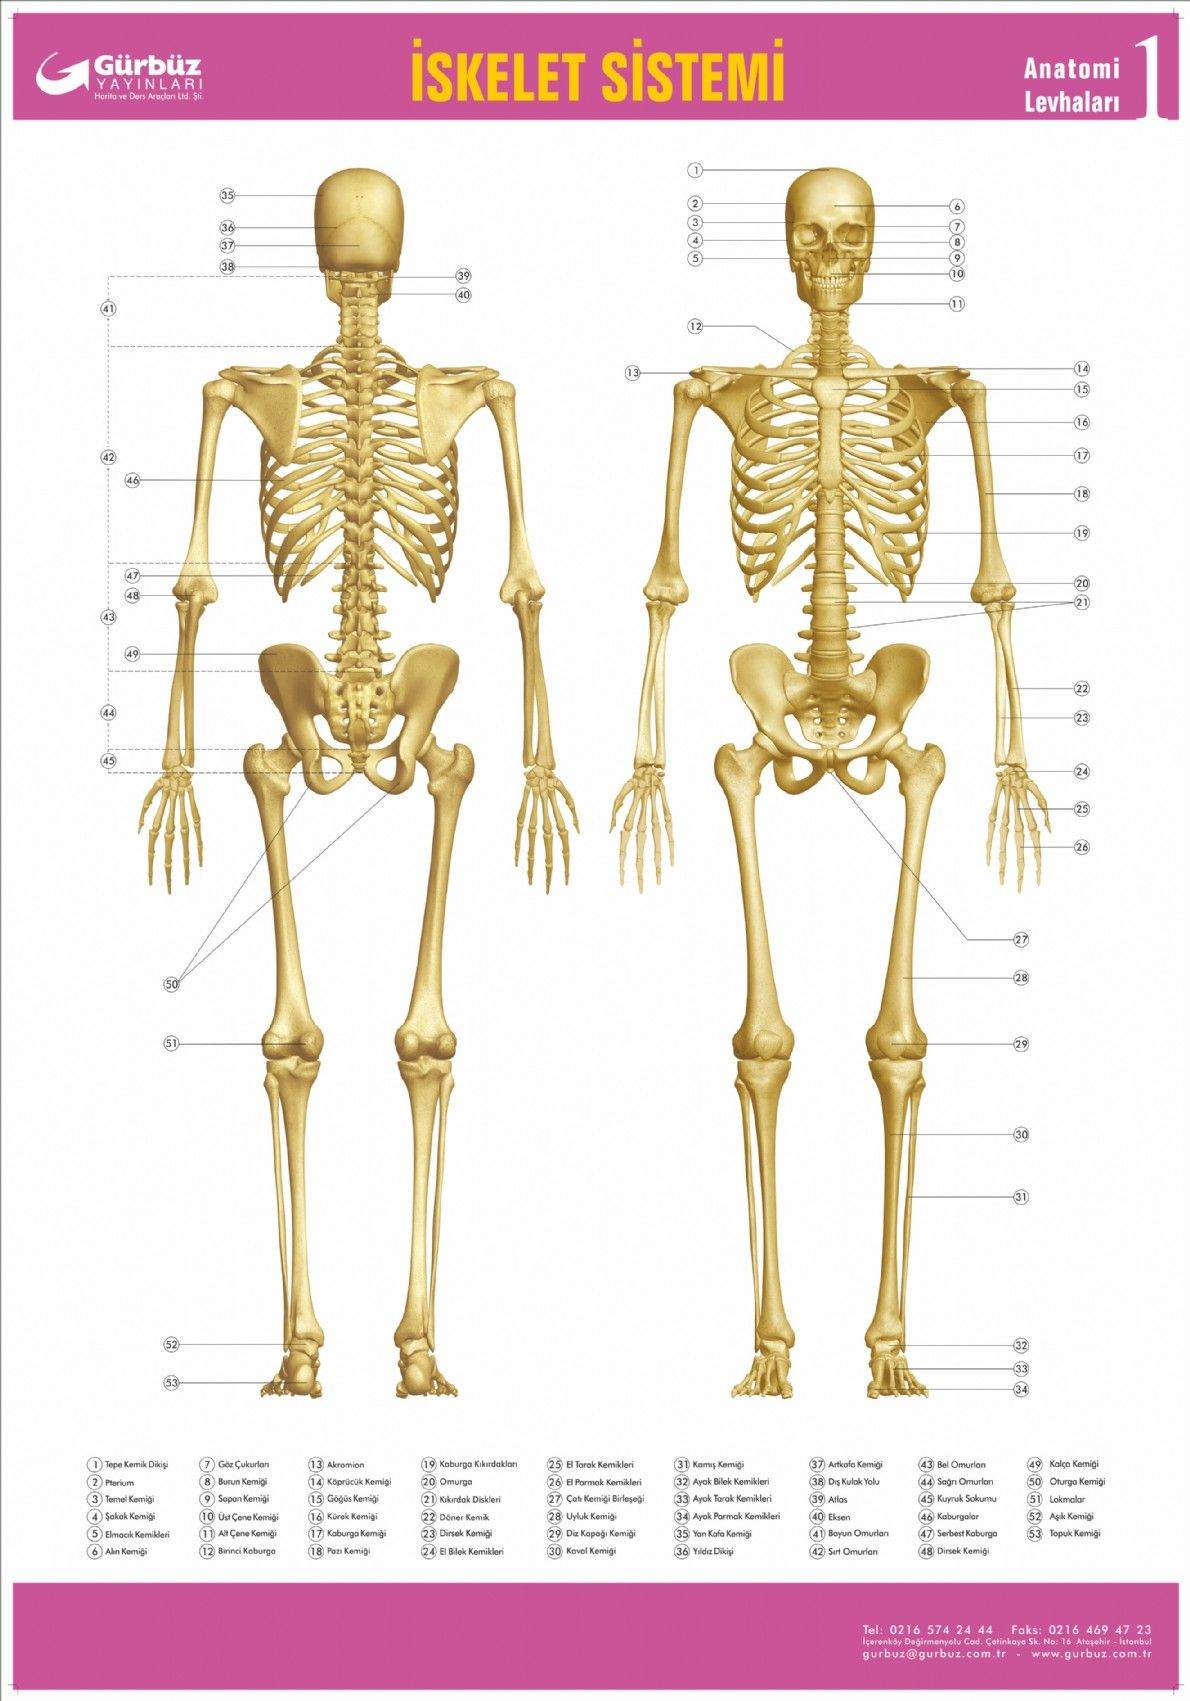 Iskelet Sistemi Levhası 70x100 Gürbüz Yayınları